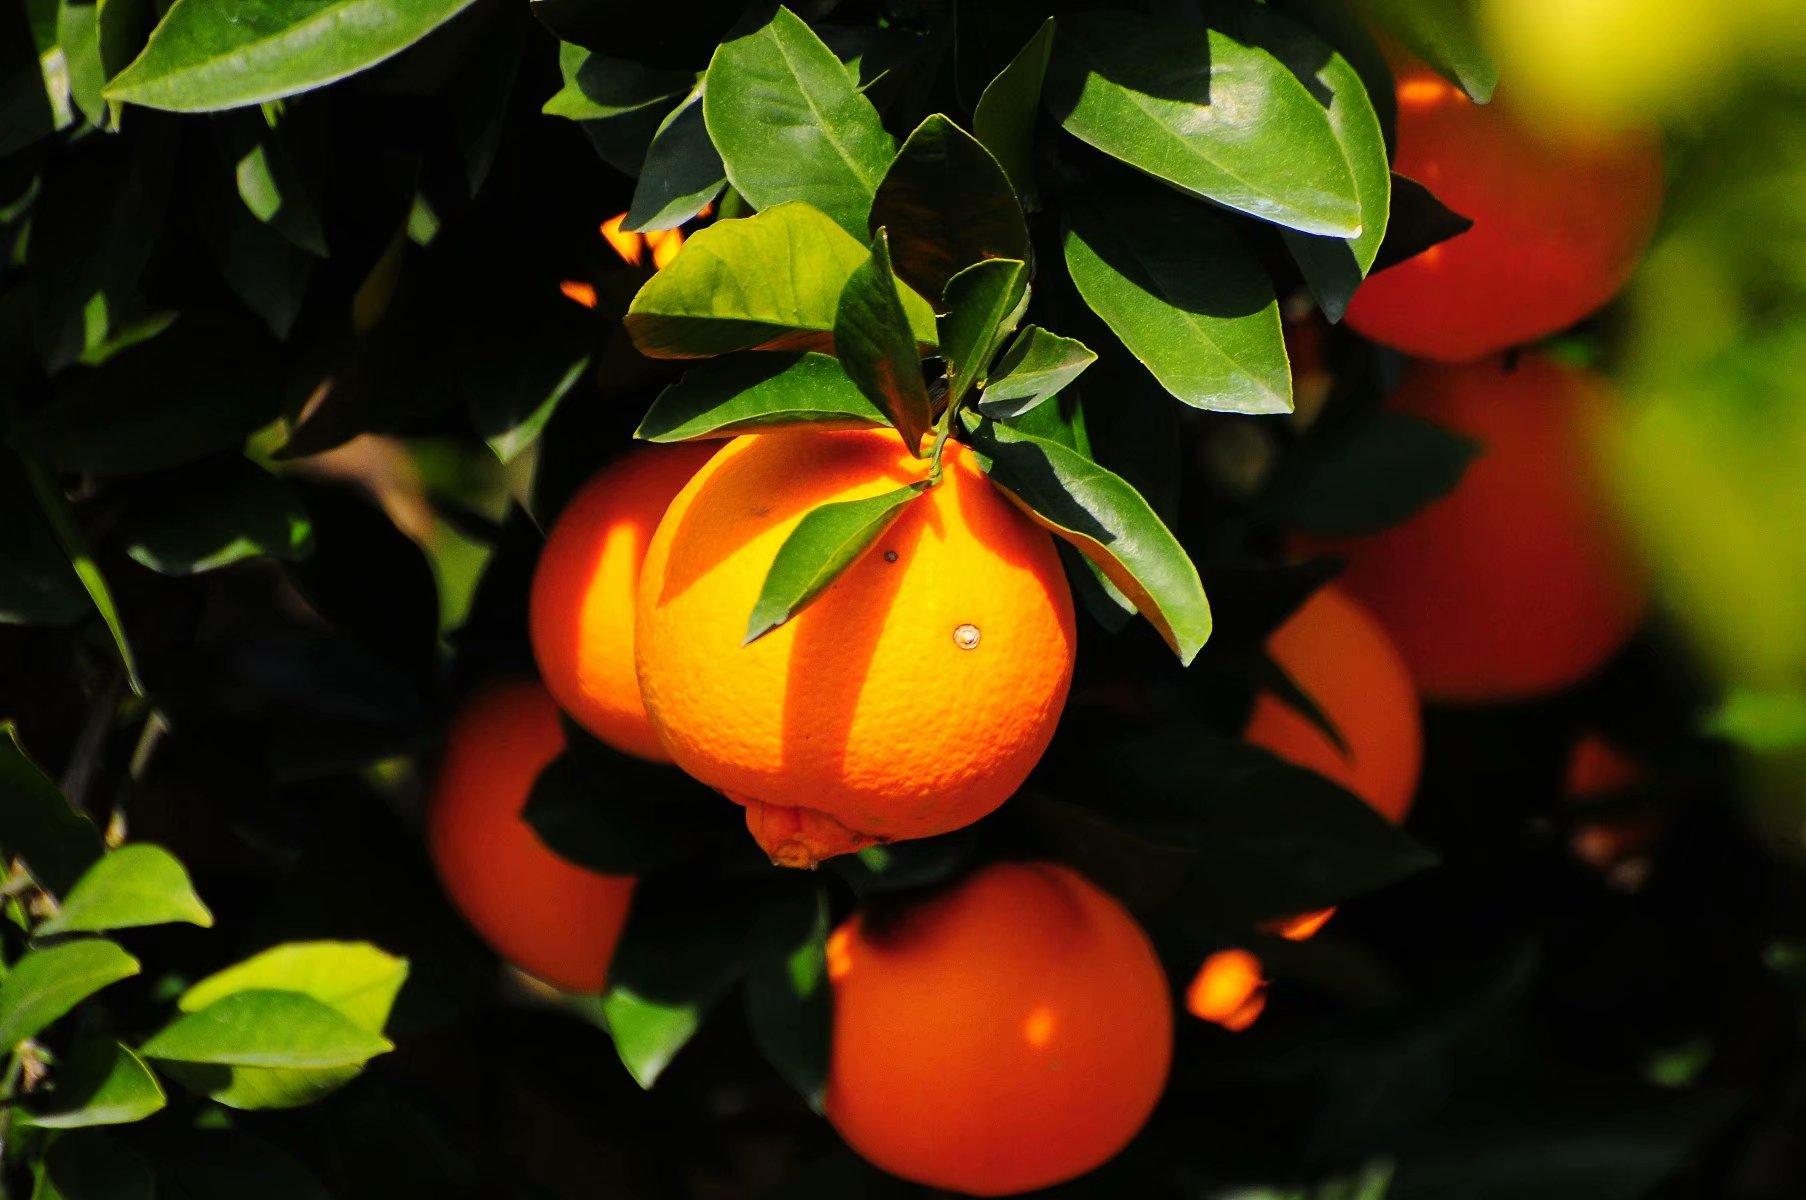 走!雅江麻雀坡打脐橙免费吃刨猪汤切!还有10斤包邮福利!